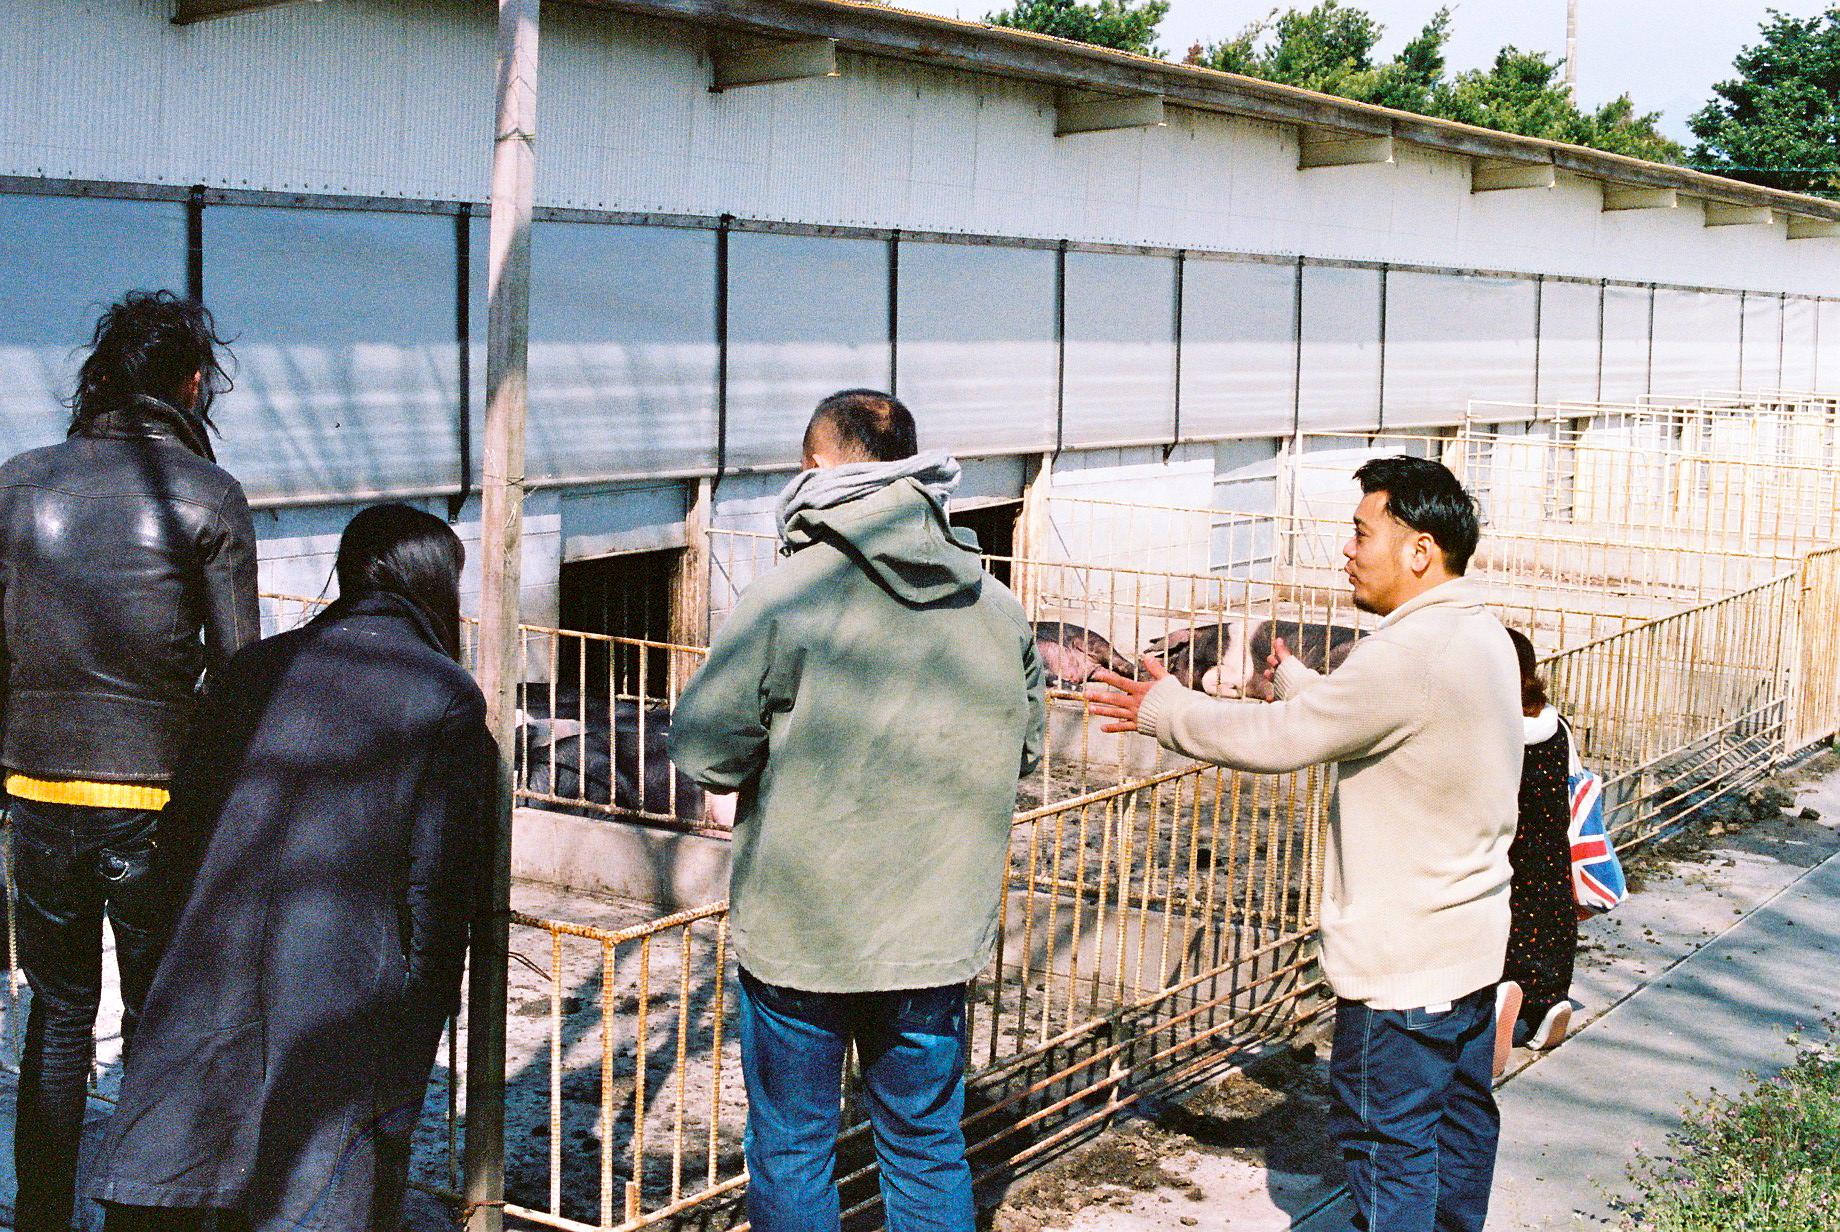 豚を育てることから加工までをすべて手がける『ふくどめ  少牧場』の福留洋一さんから原産国イギリスの豚 「純粋  サドルバック種」に関するお話をうかがう。